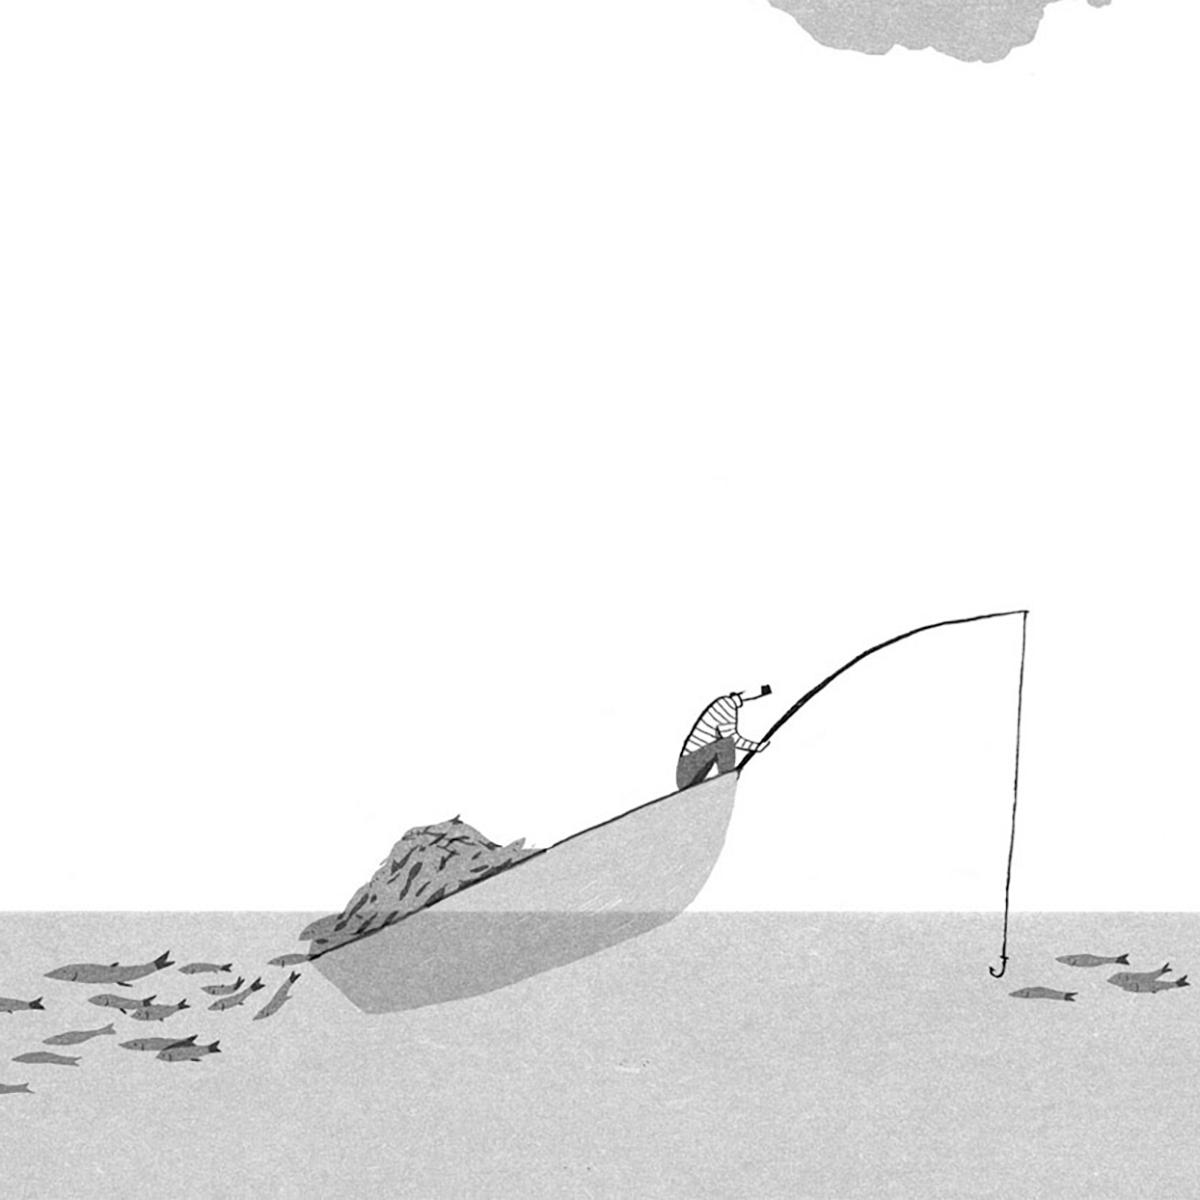 ilustración-marineros-Pizarnik-Saudade